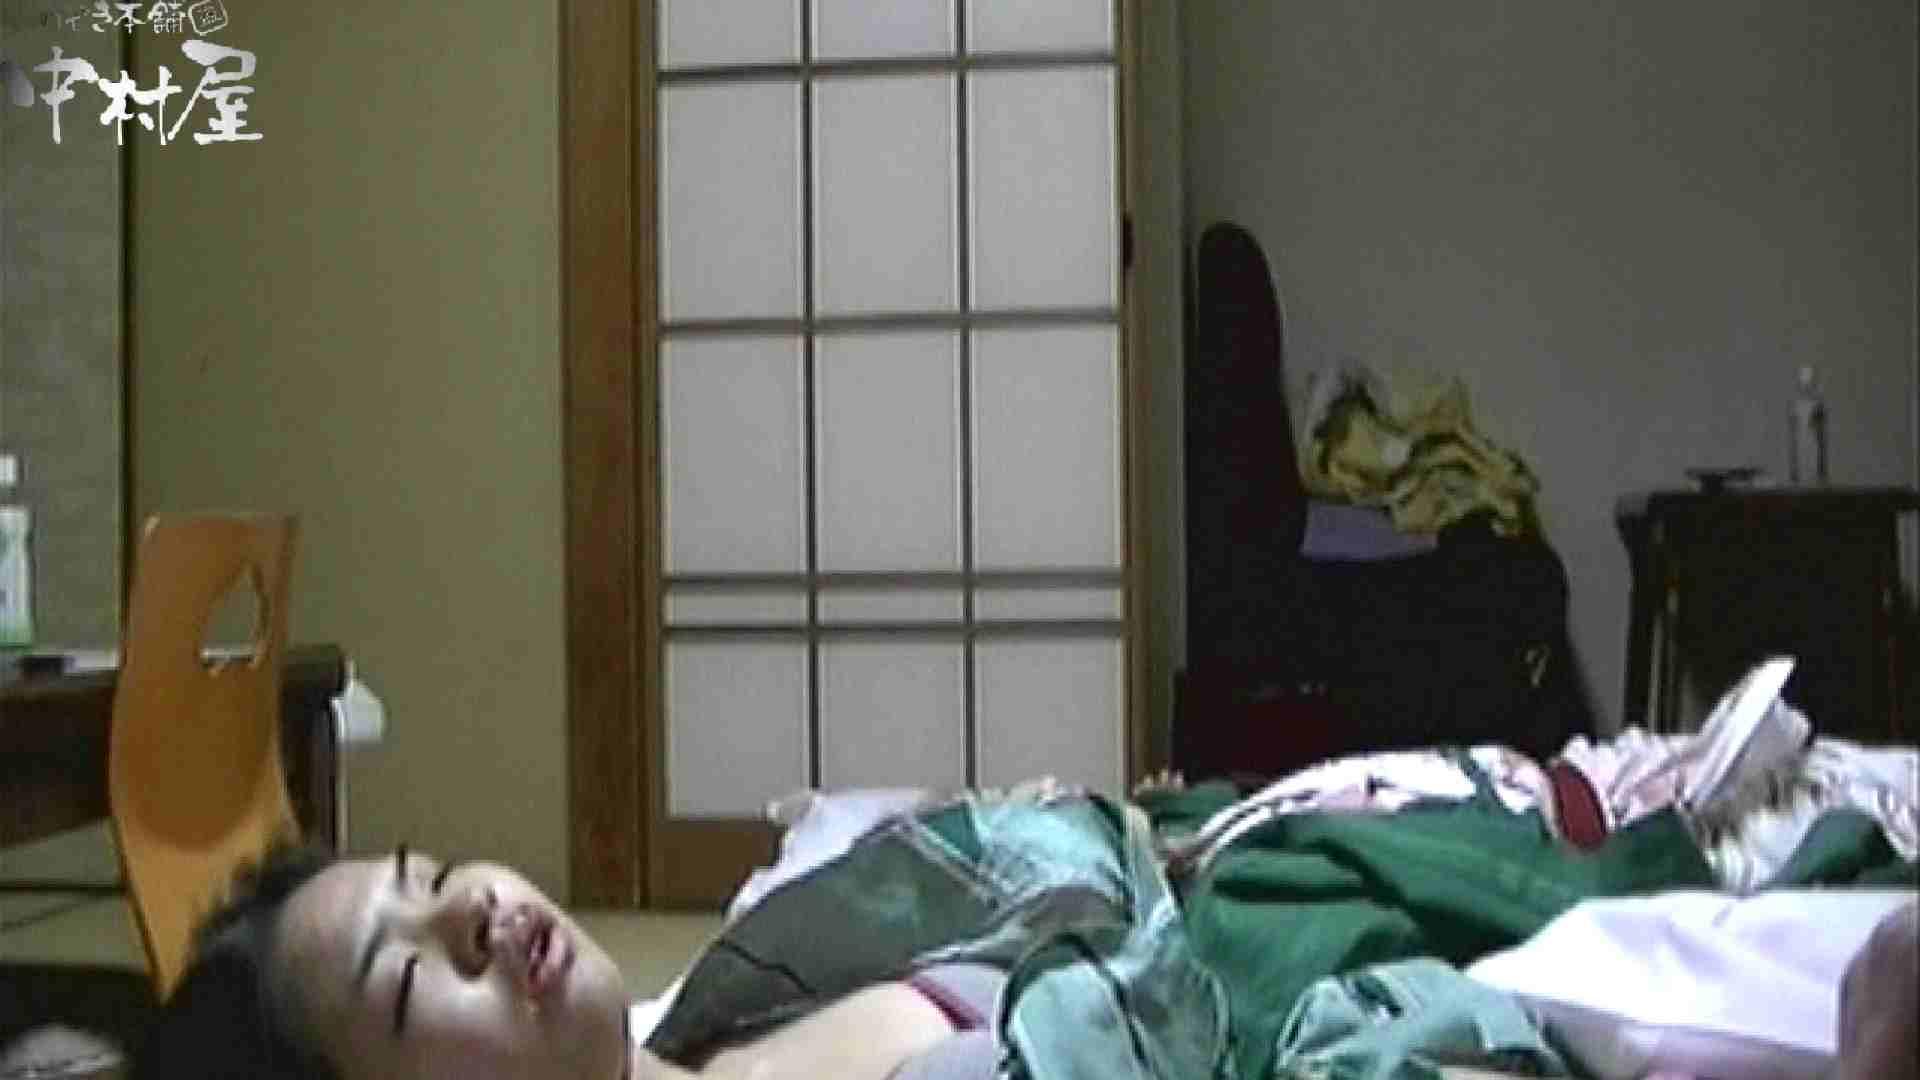 ネムリ姫 vol.07 イタズラ動画 おまんこ無修正動画無料 78PIX 22